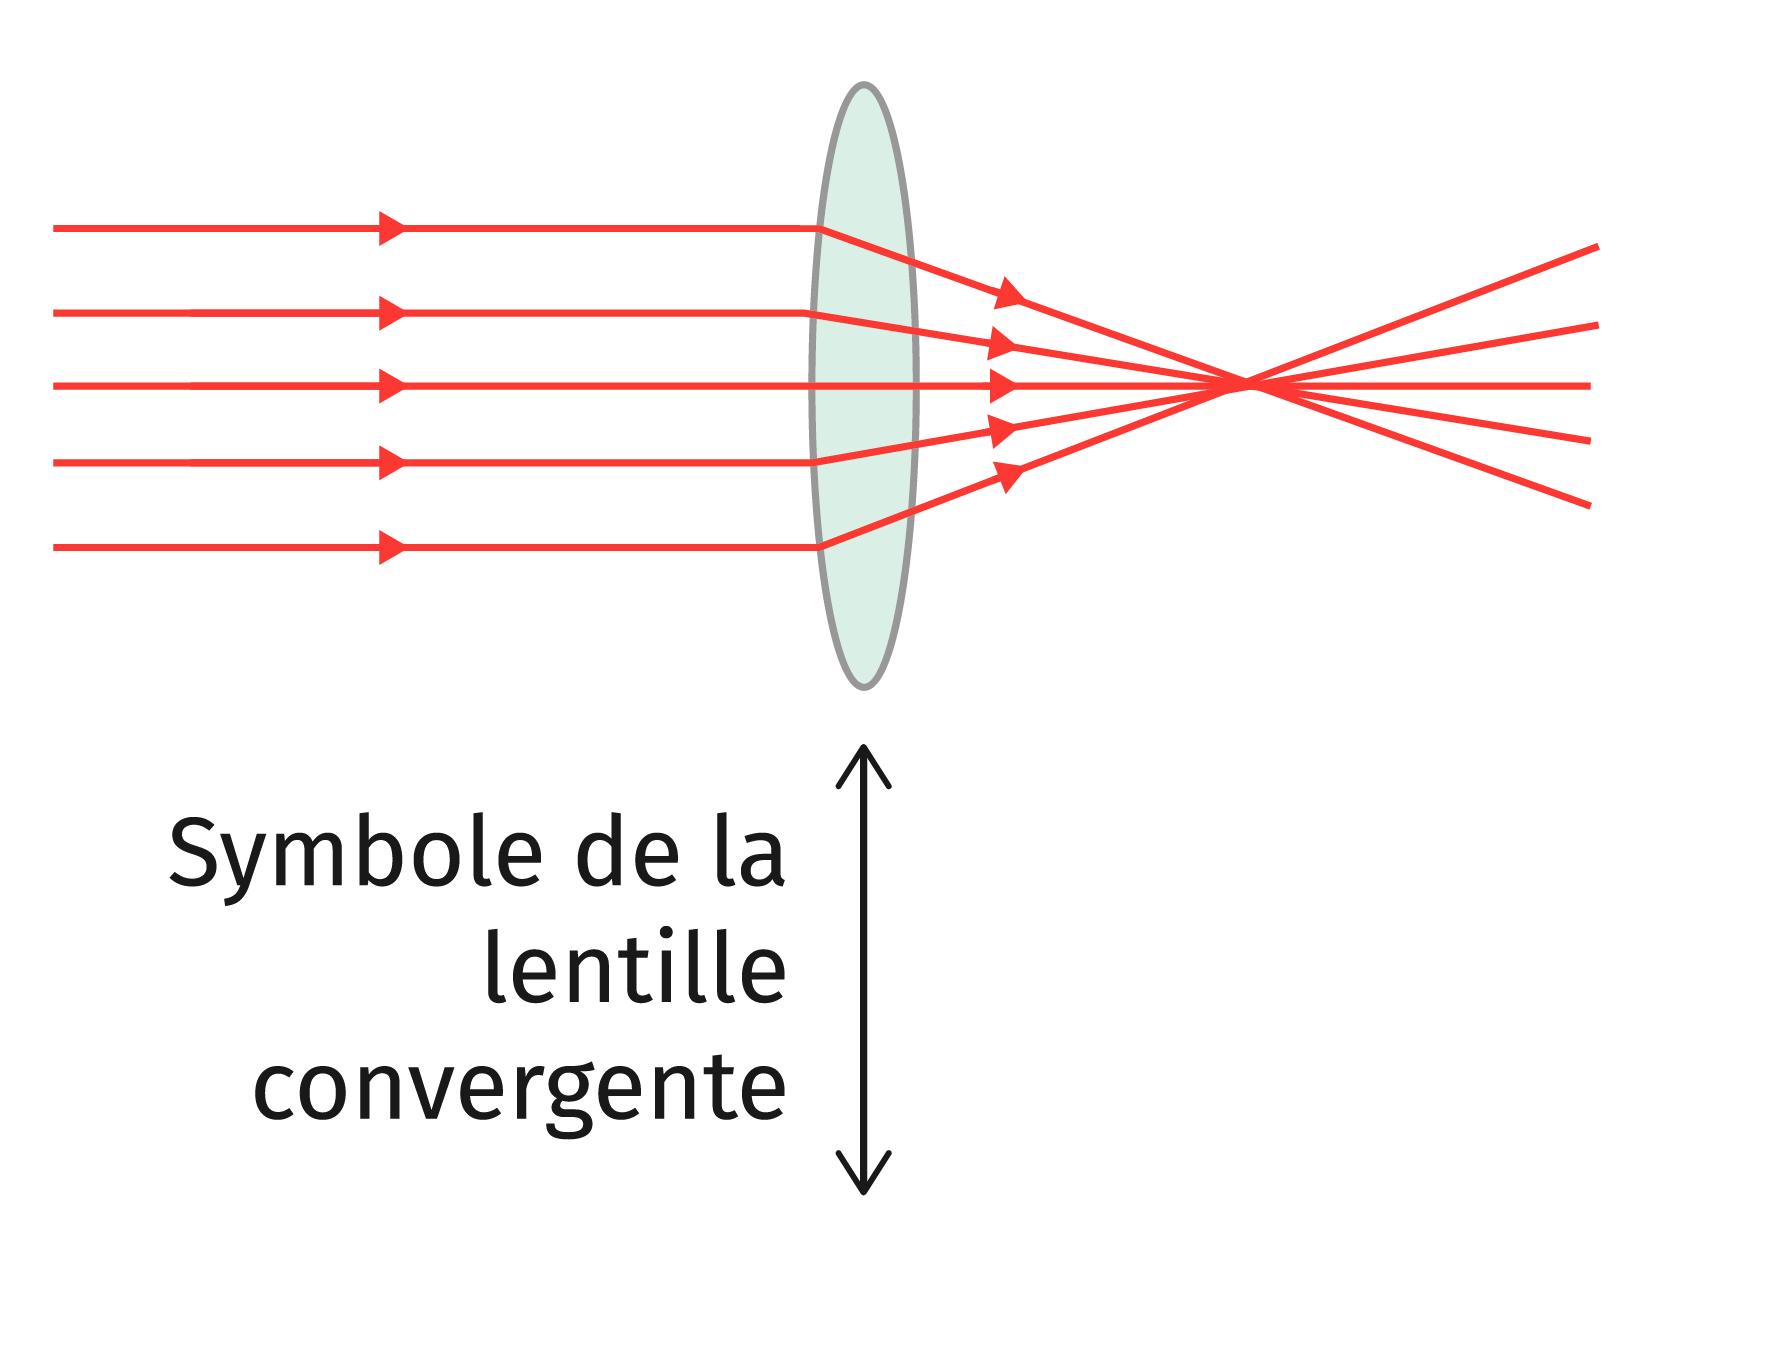 La lentille convergente